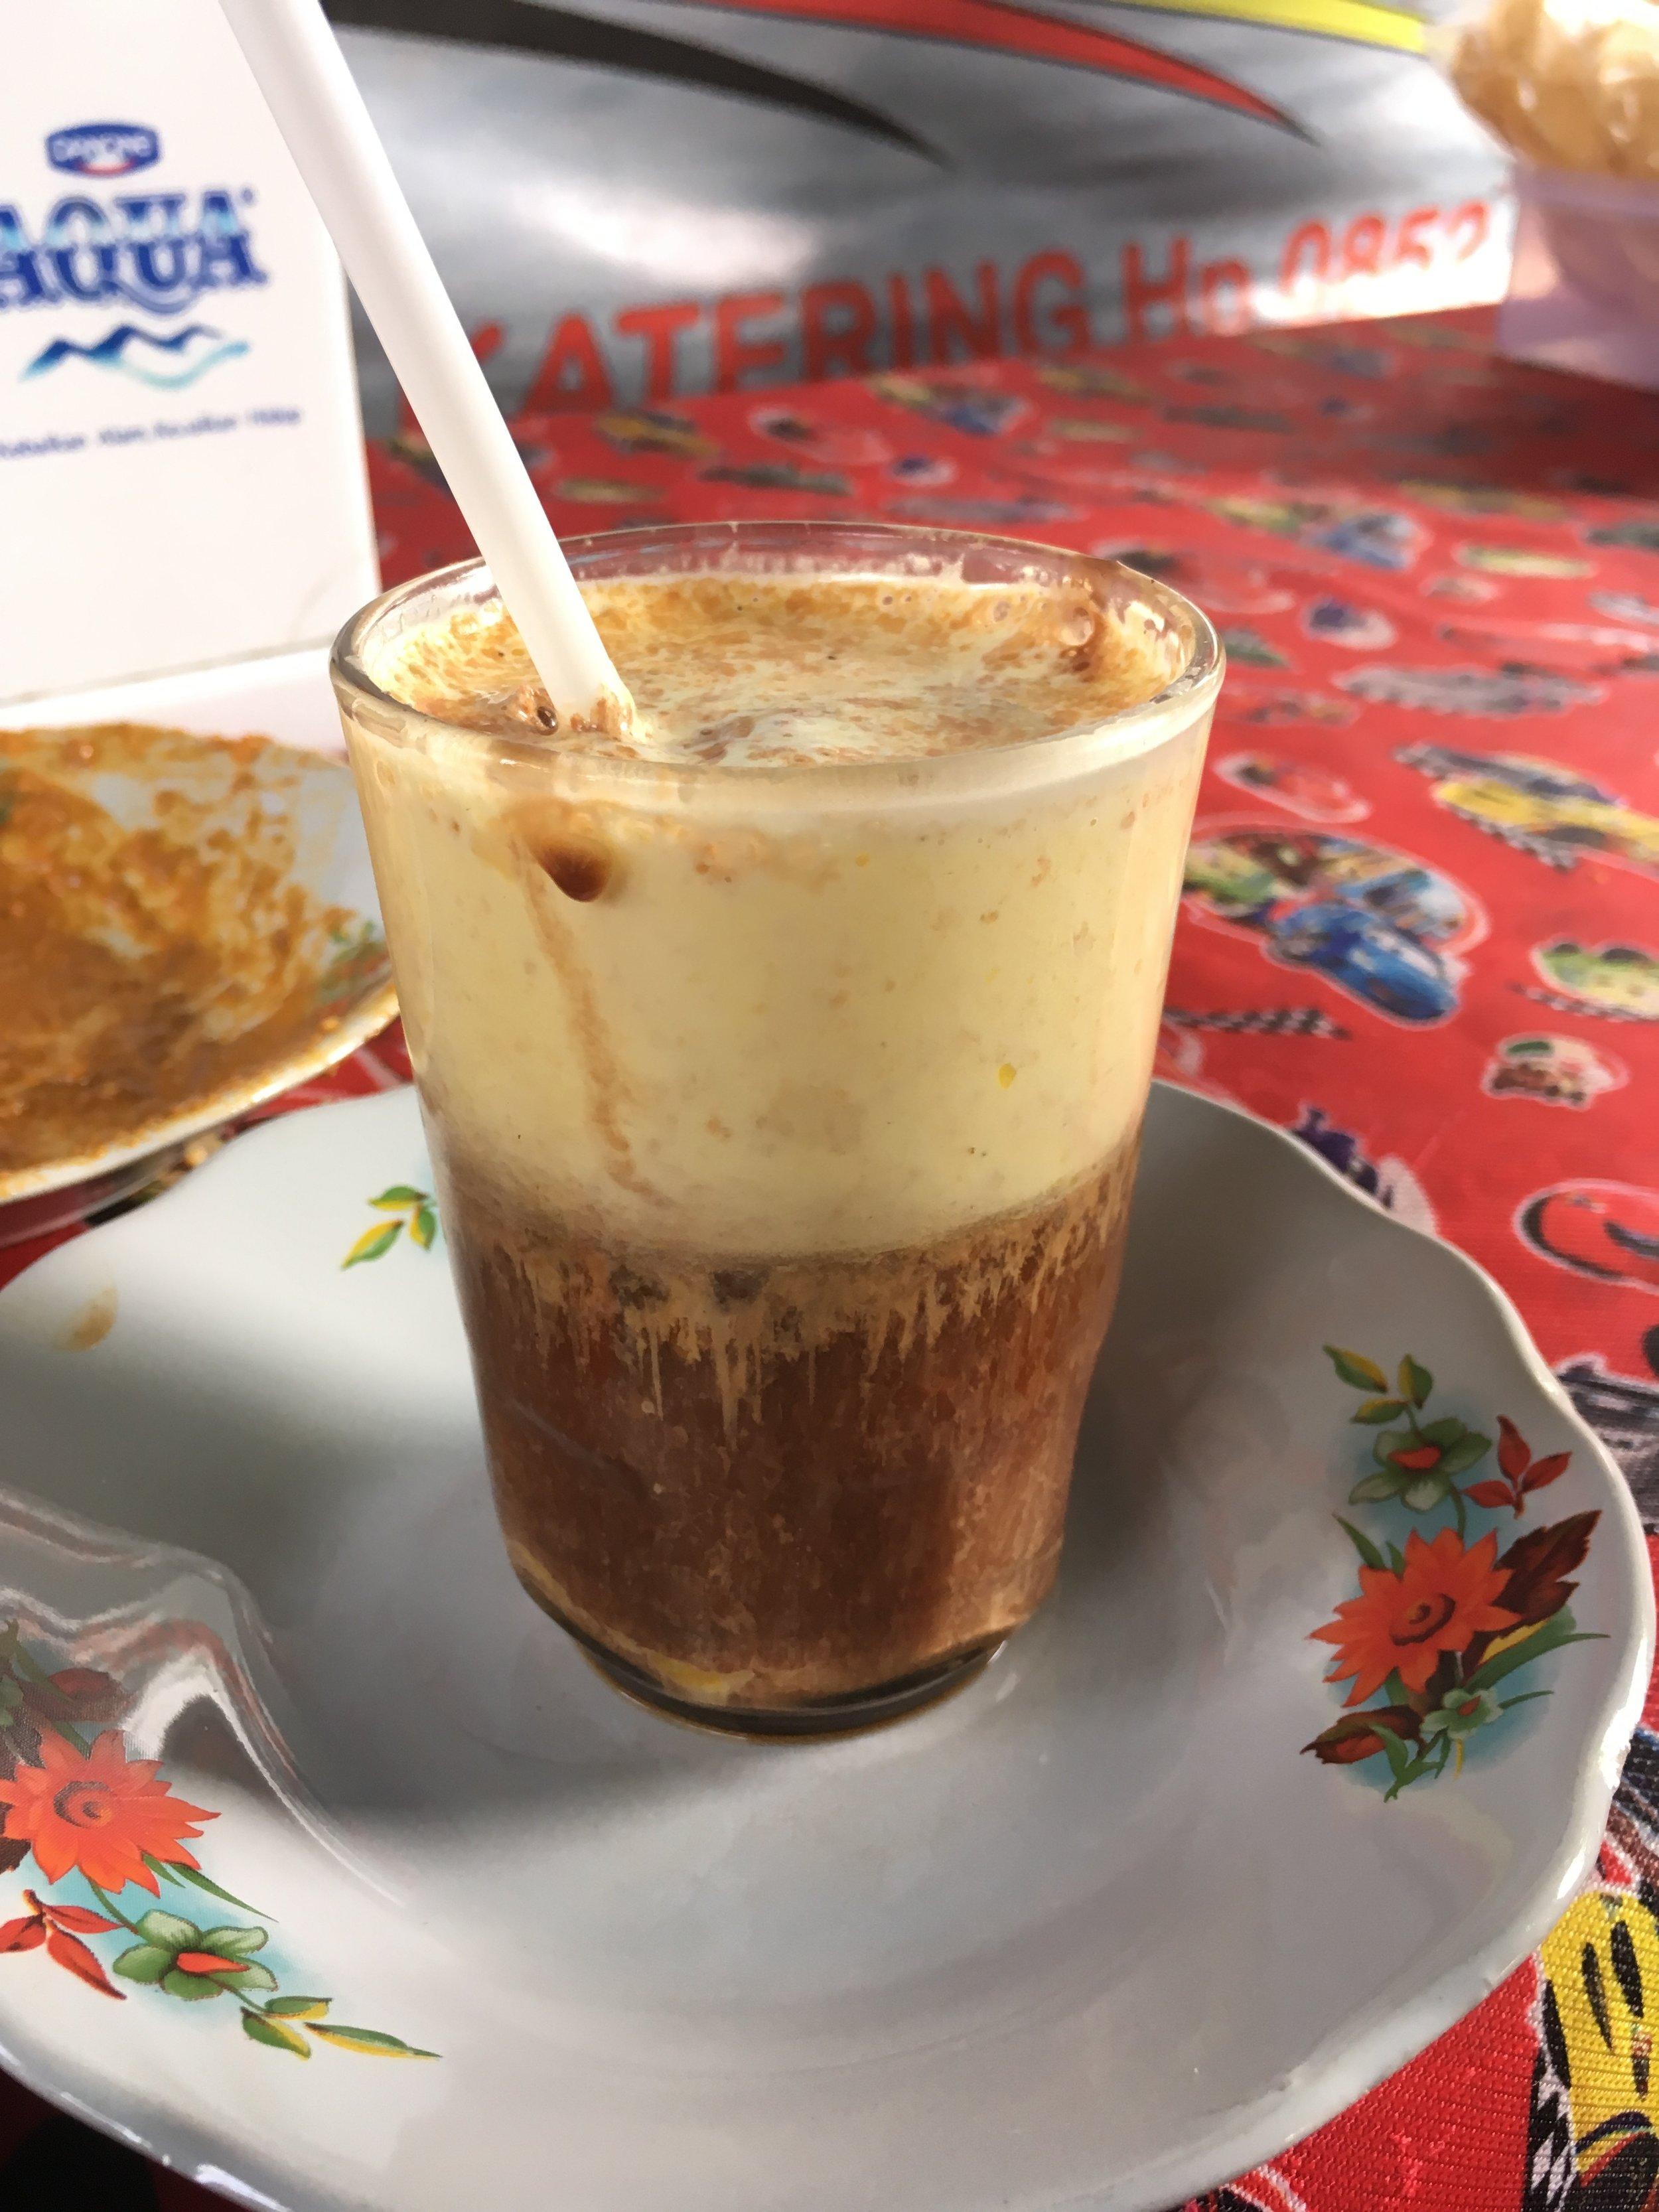 これはジャワならではの飲み物。名前忘れちゃった。コーヒーのように見えるが、実はジャワティー 地元の人曰くエナジードリンクだそうで、黄色いのは卵 グラスの周りに箸で塗られた中に、ブラウンシュガーと濃いティーを注ぐ。ストローがついてくるのだが、暑すぎてストローでは飲めない。朝ごはん屋さんで提供中。